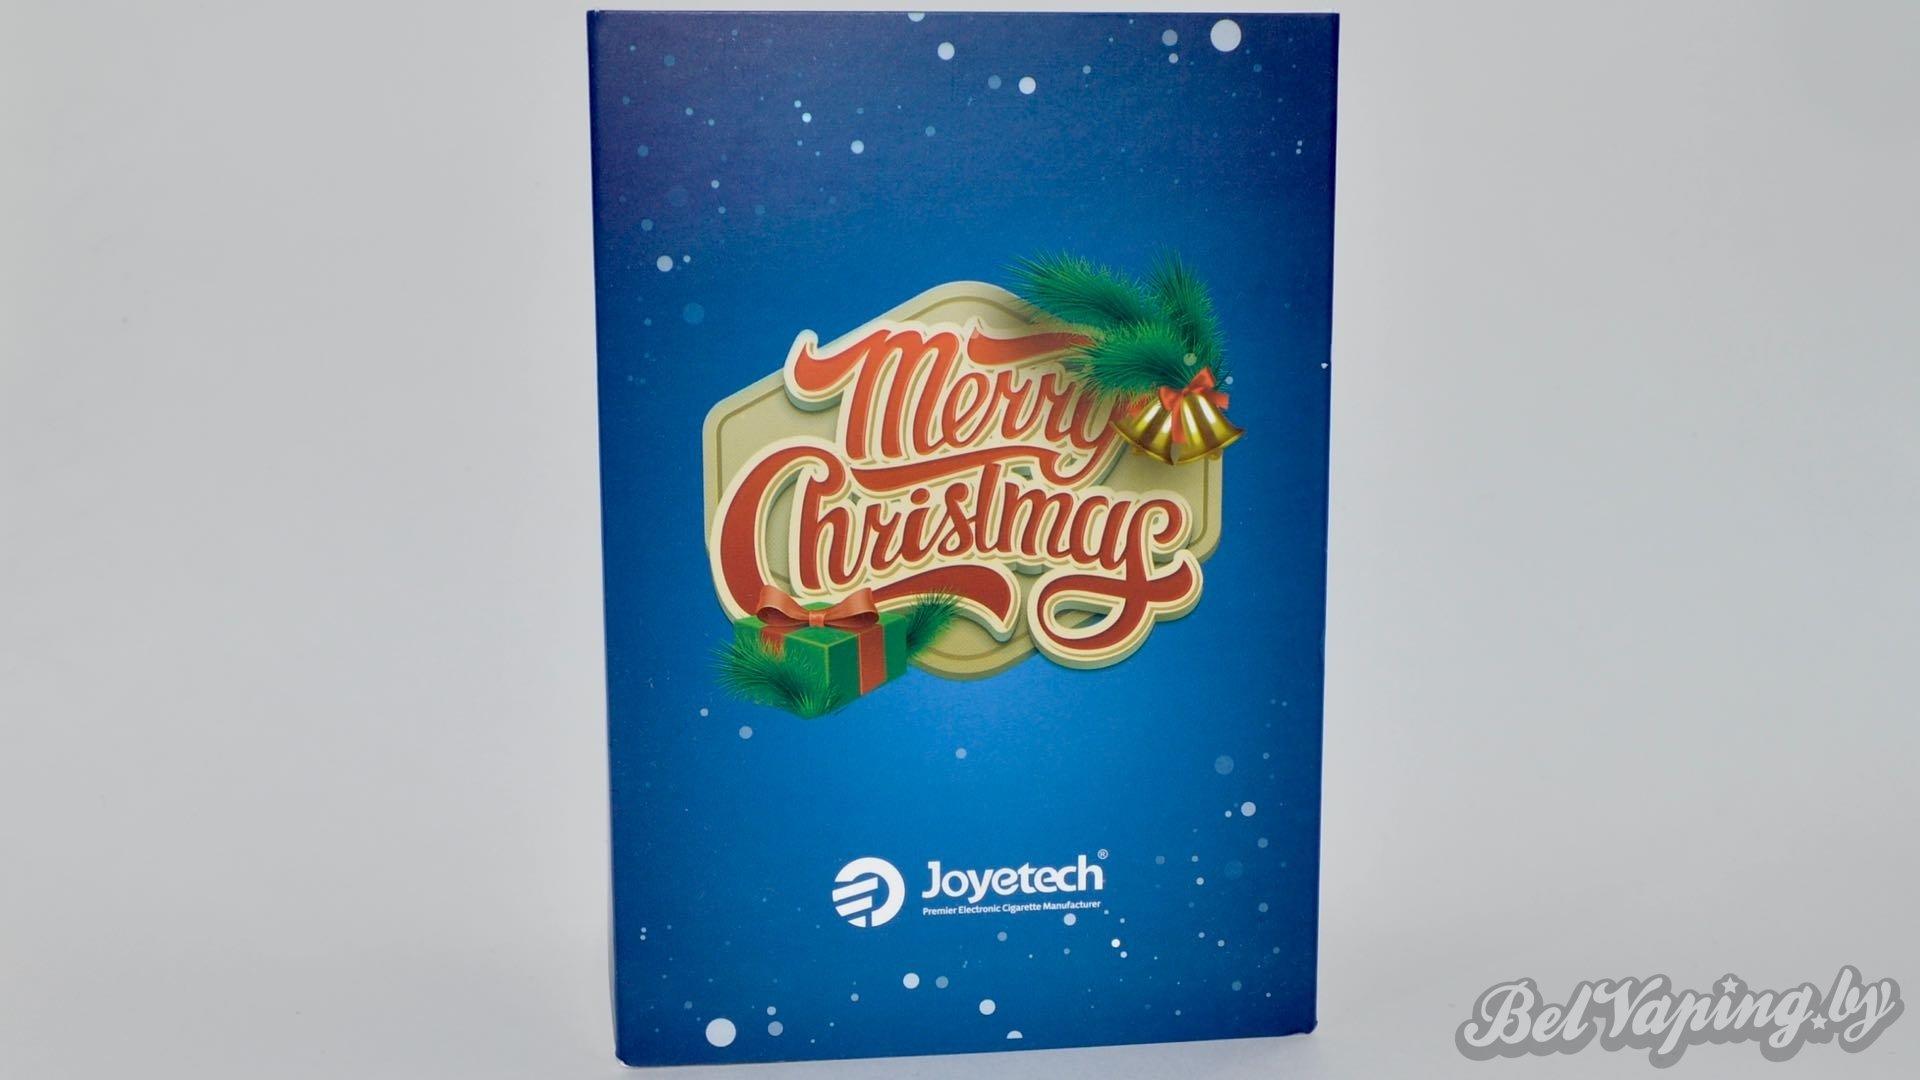 Обзор Joyetech Cuboid 200 Watt. 300 грамм или подарок на Новый Год от Joyetech